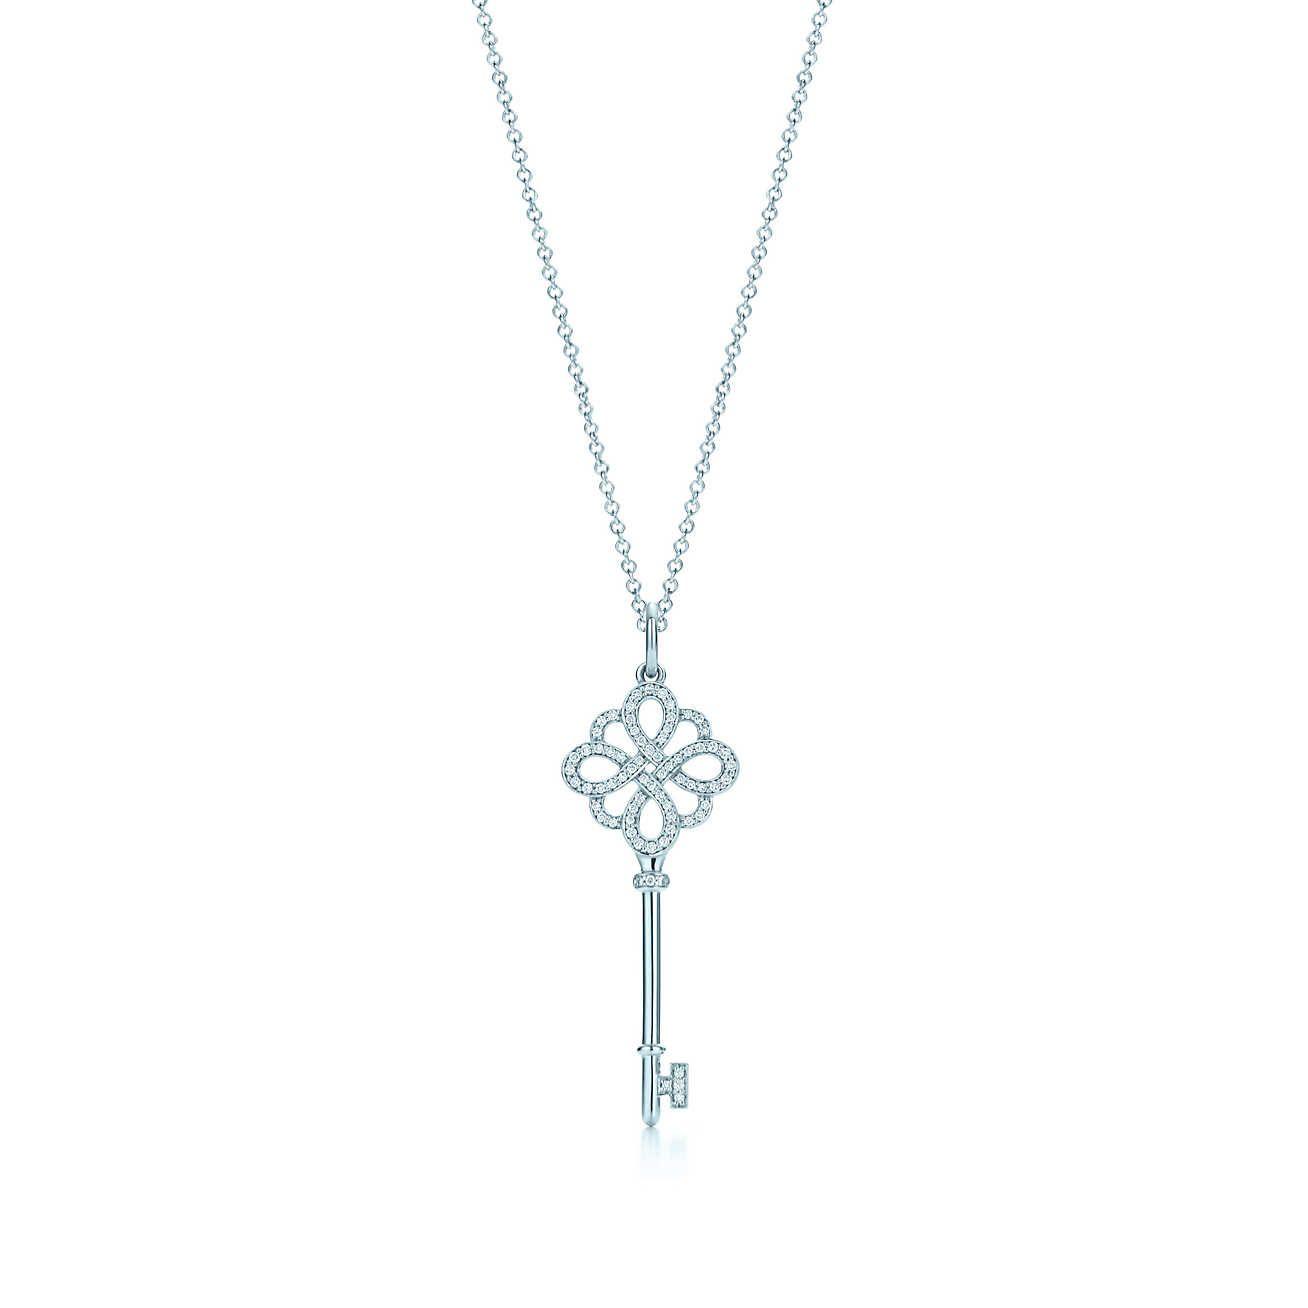 Tiffany Enchanter Pendentif Clé Coeur En Or Blanc 18 Carats Avec Diamants Tiffany & Co. iII00P7Oq